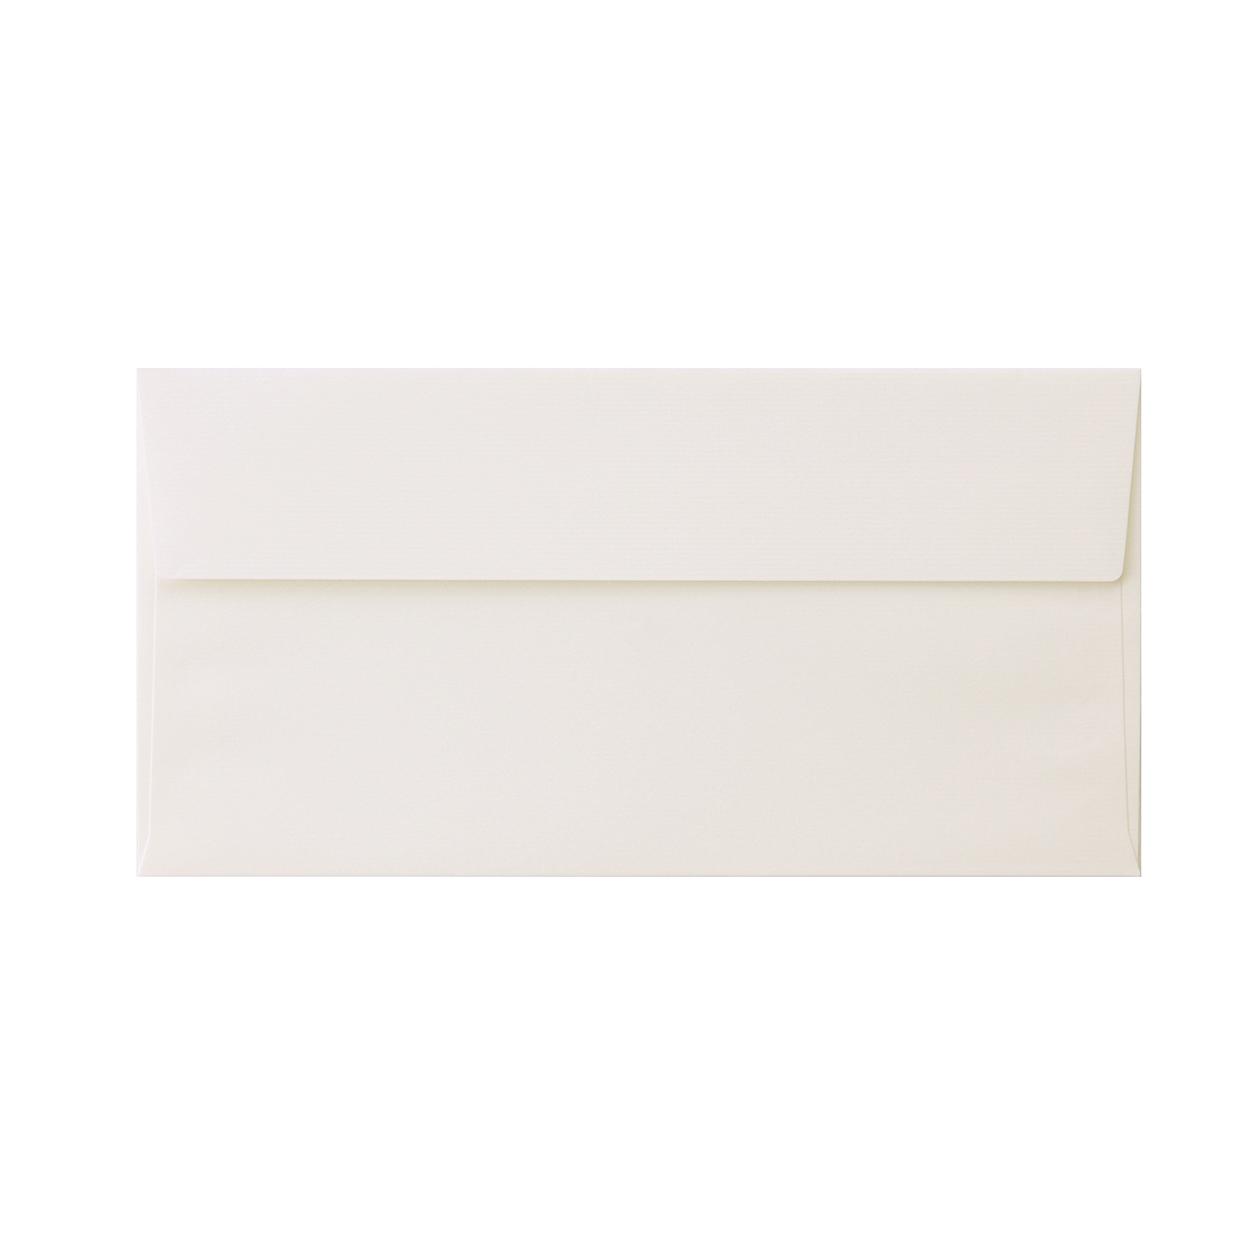 長3カマス封筒 コットンレイド スノーホワイト 116.3g